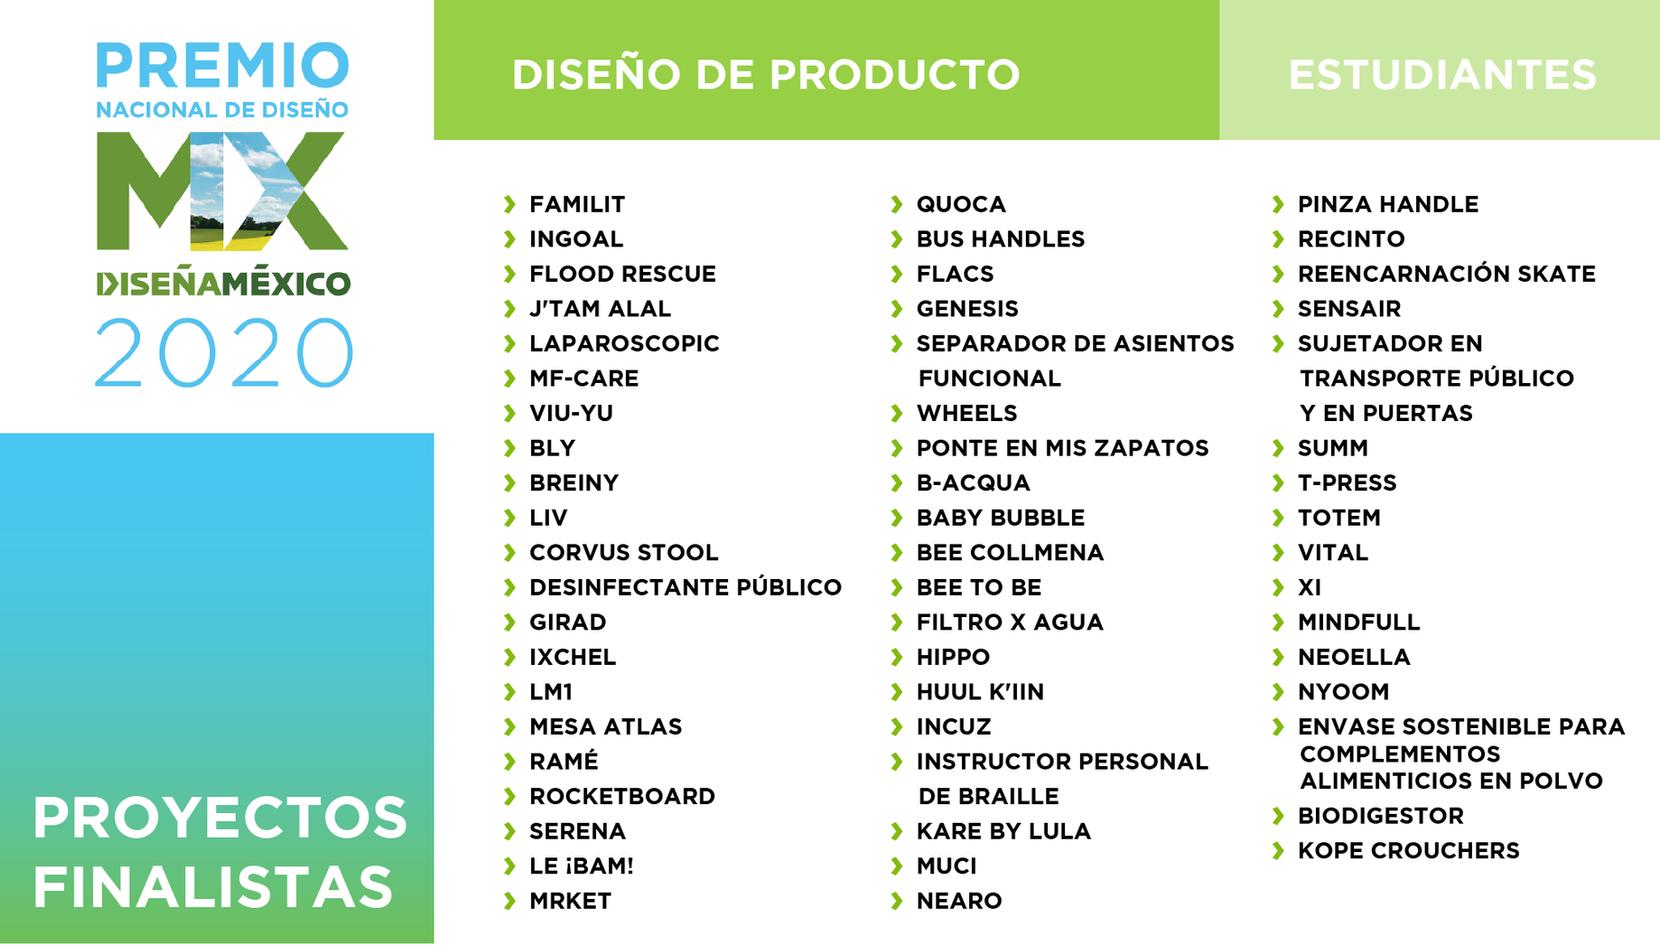 PRODUCTO / ESTUDIANTES